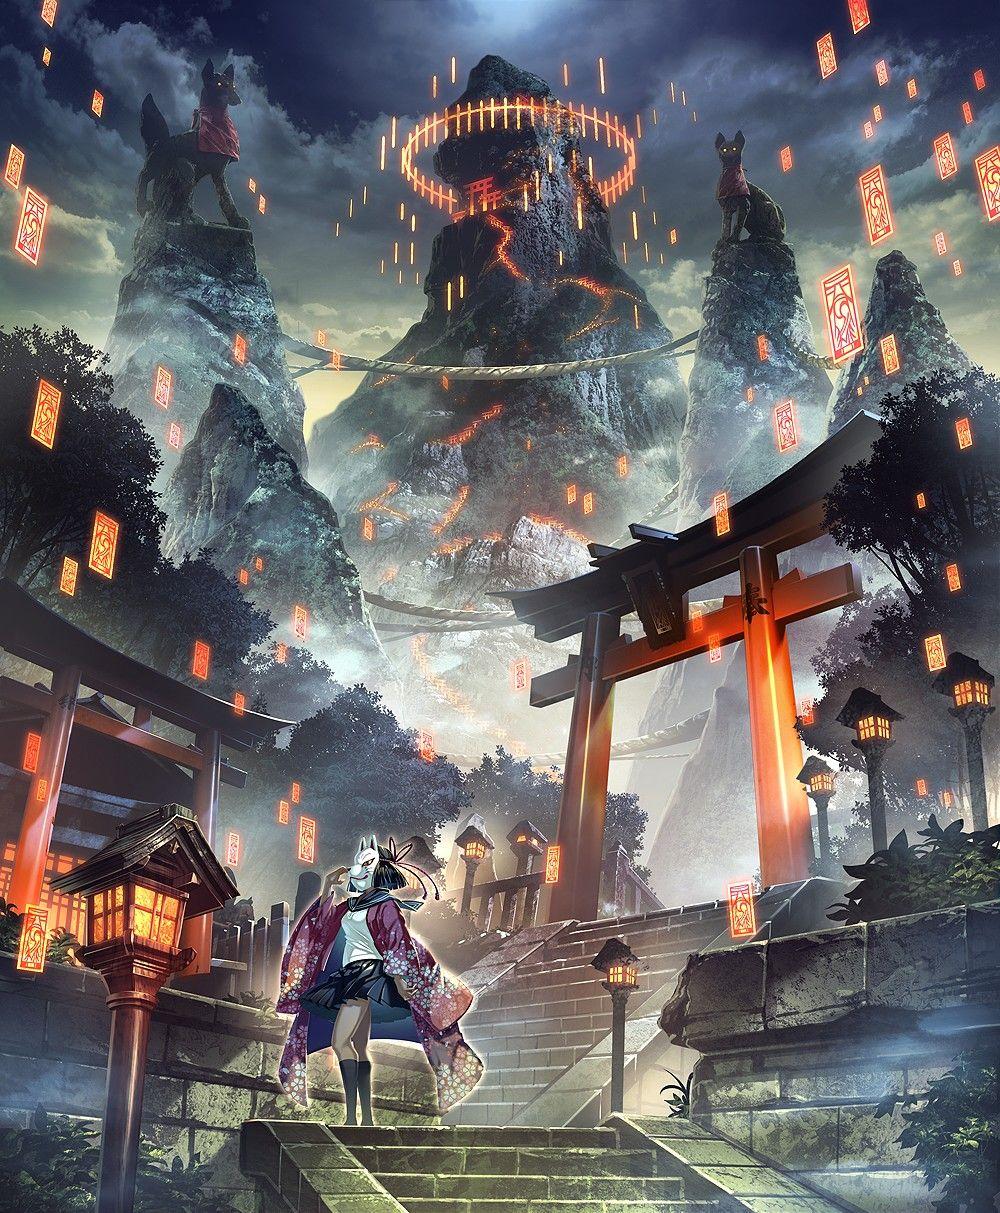 赤灯籠が続く階段 鳥居 御札 狐 神社 イラスト 鳥居 イラスト ファンタジーな風景